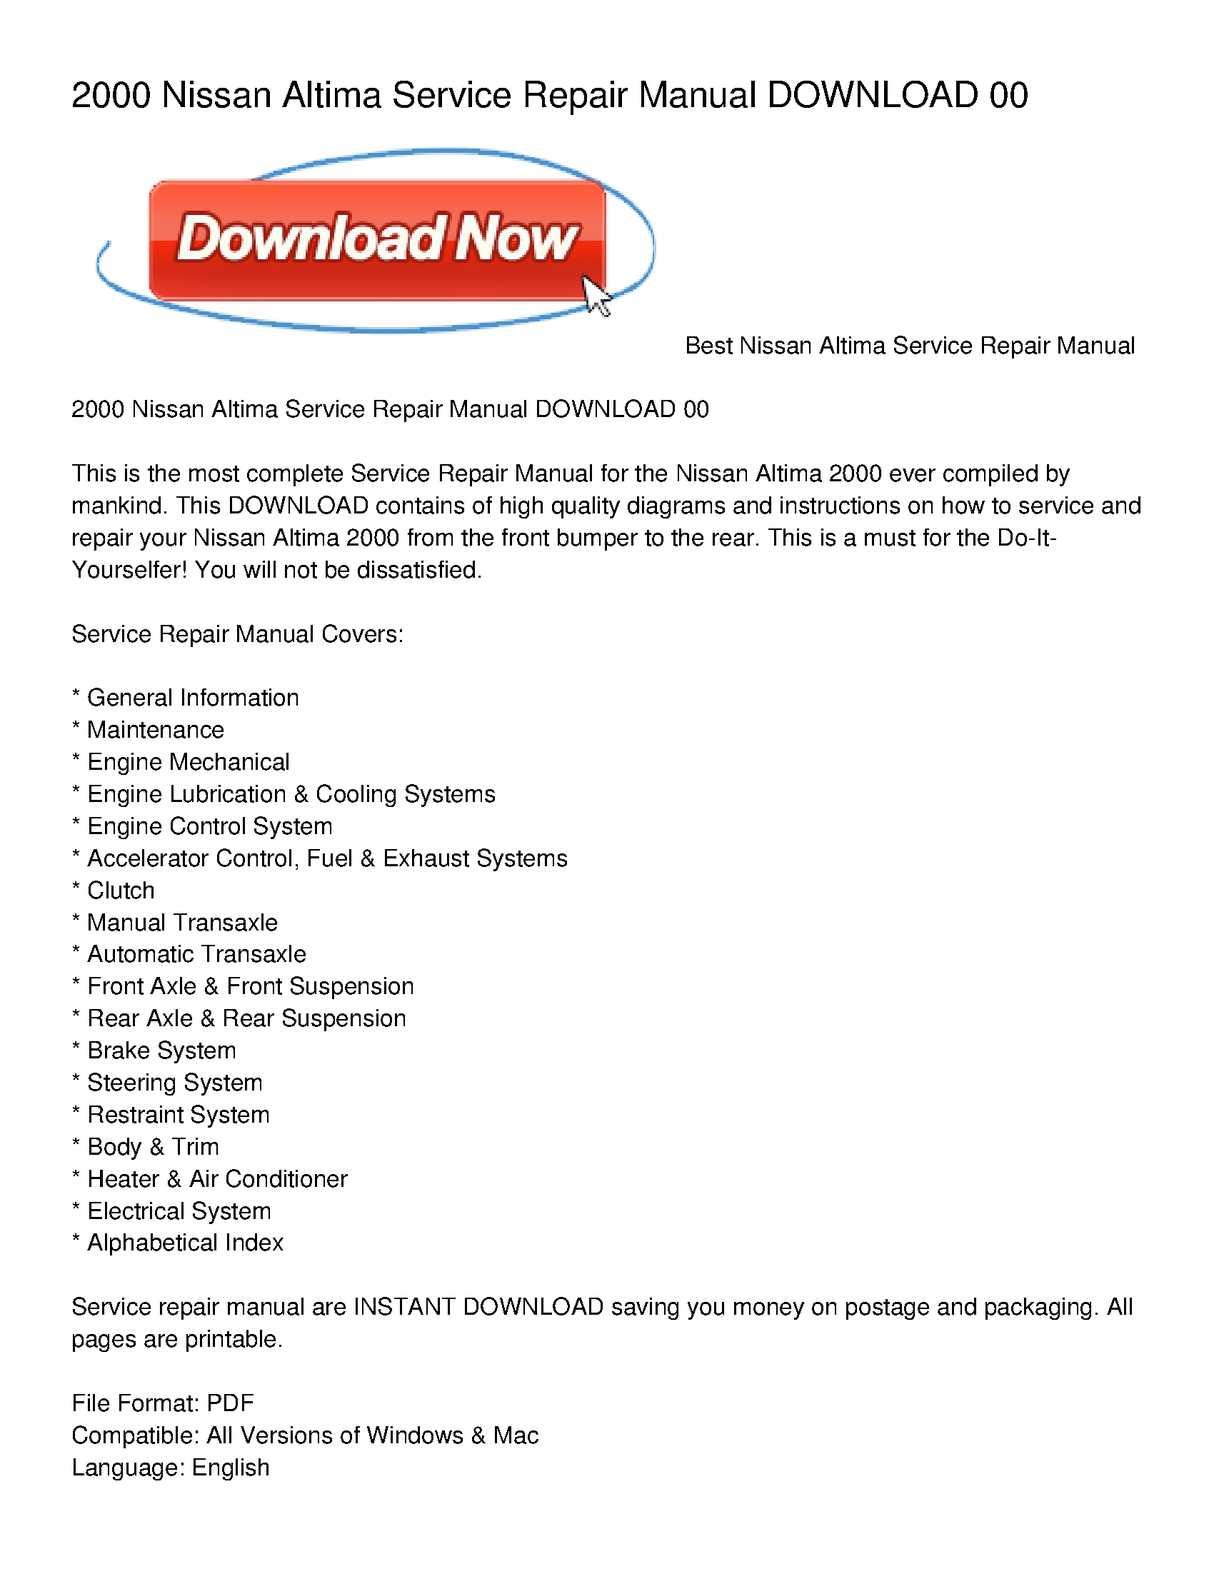 calam o 2000 nissan altima service repair manual download 00 rh calameo com 2012 Nissan Altima Owner's Manual 2000 nissan altima repair manual pdf